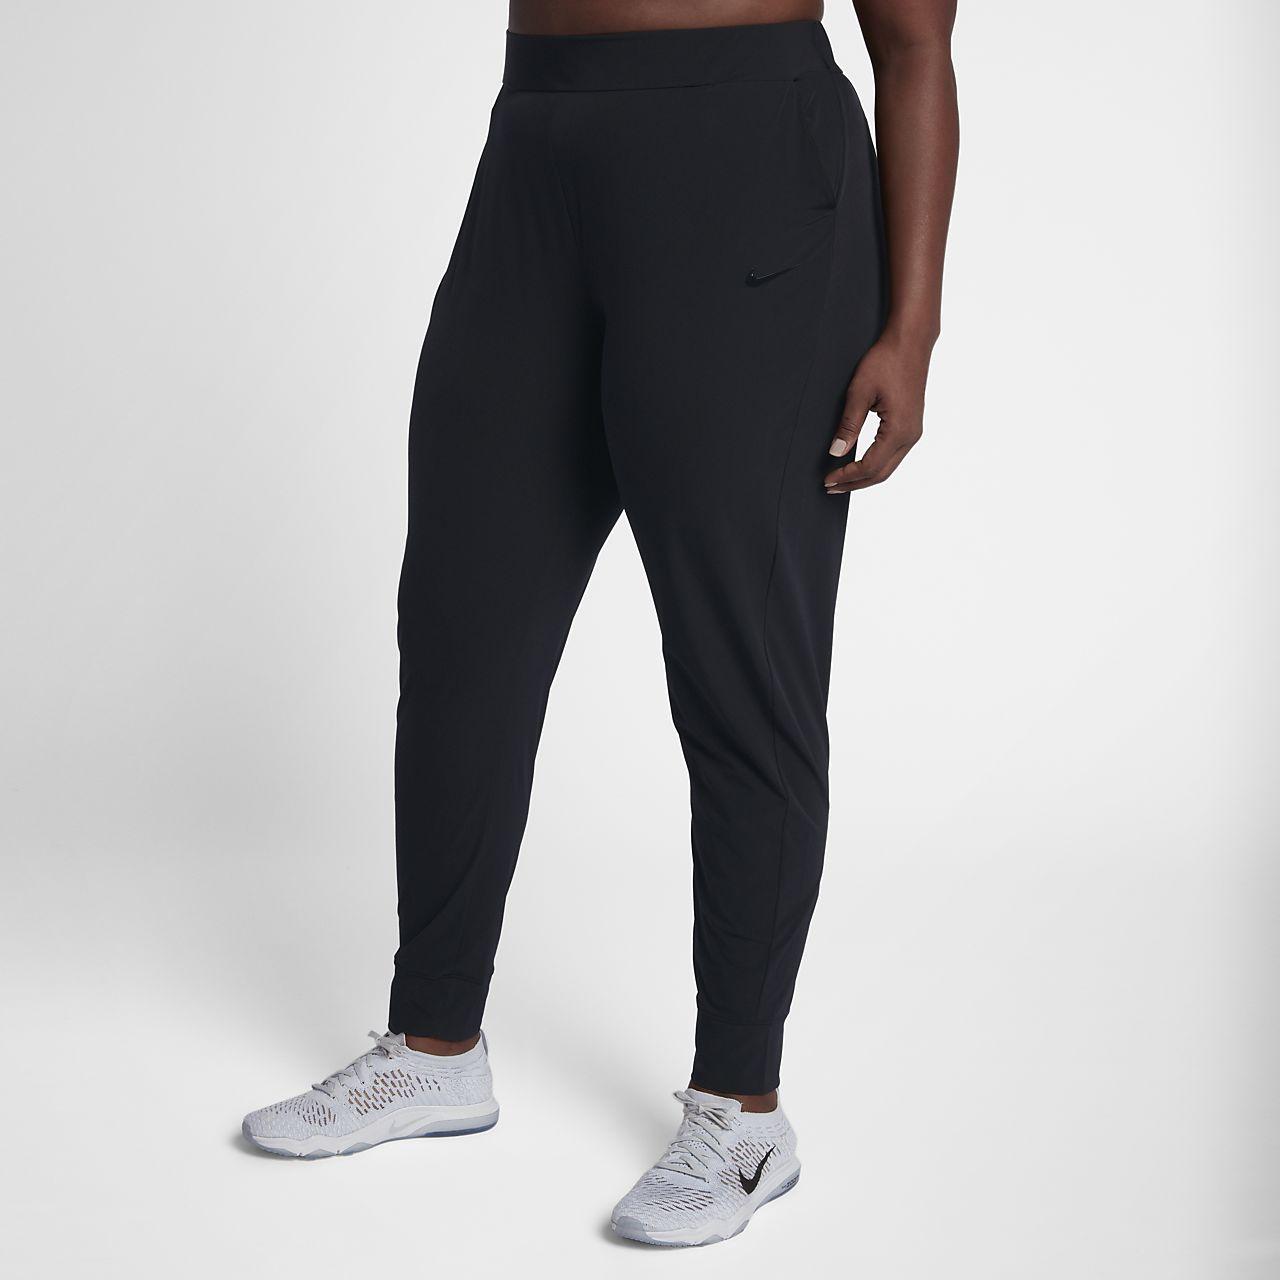 Calças de treino para de cintura normal Nike Flex Bliss para treino mulher 6b3af4